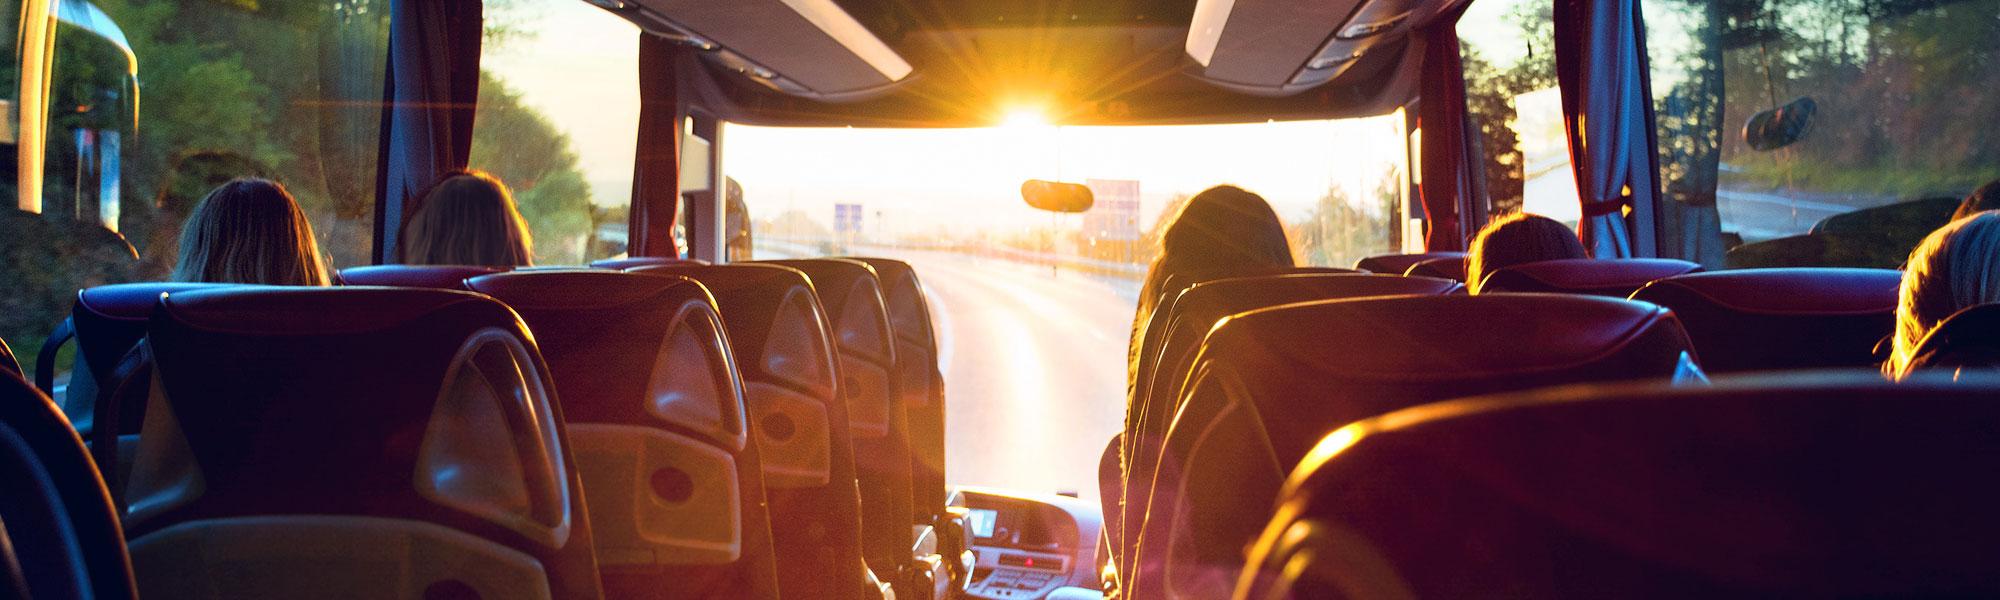 Busreise - Reisekombi